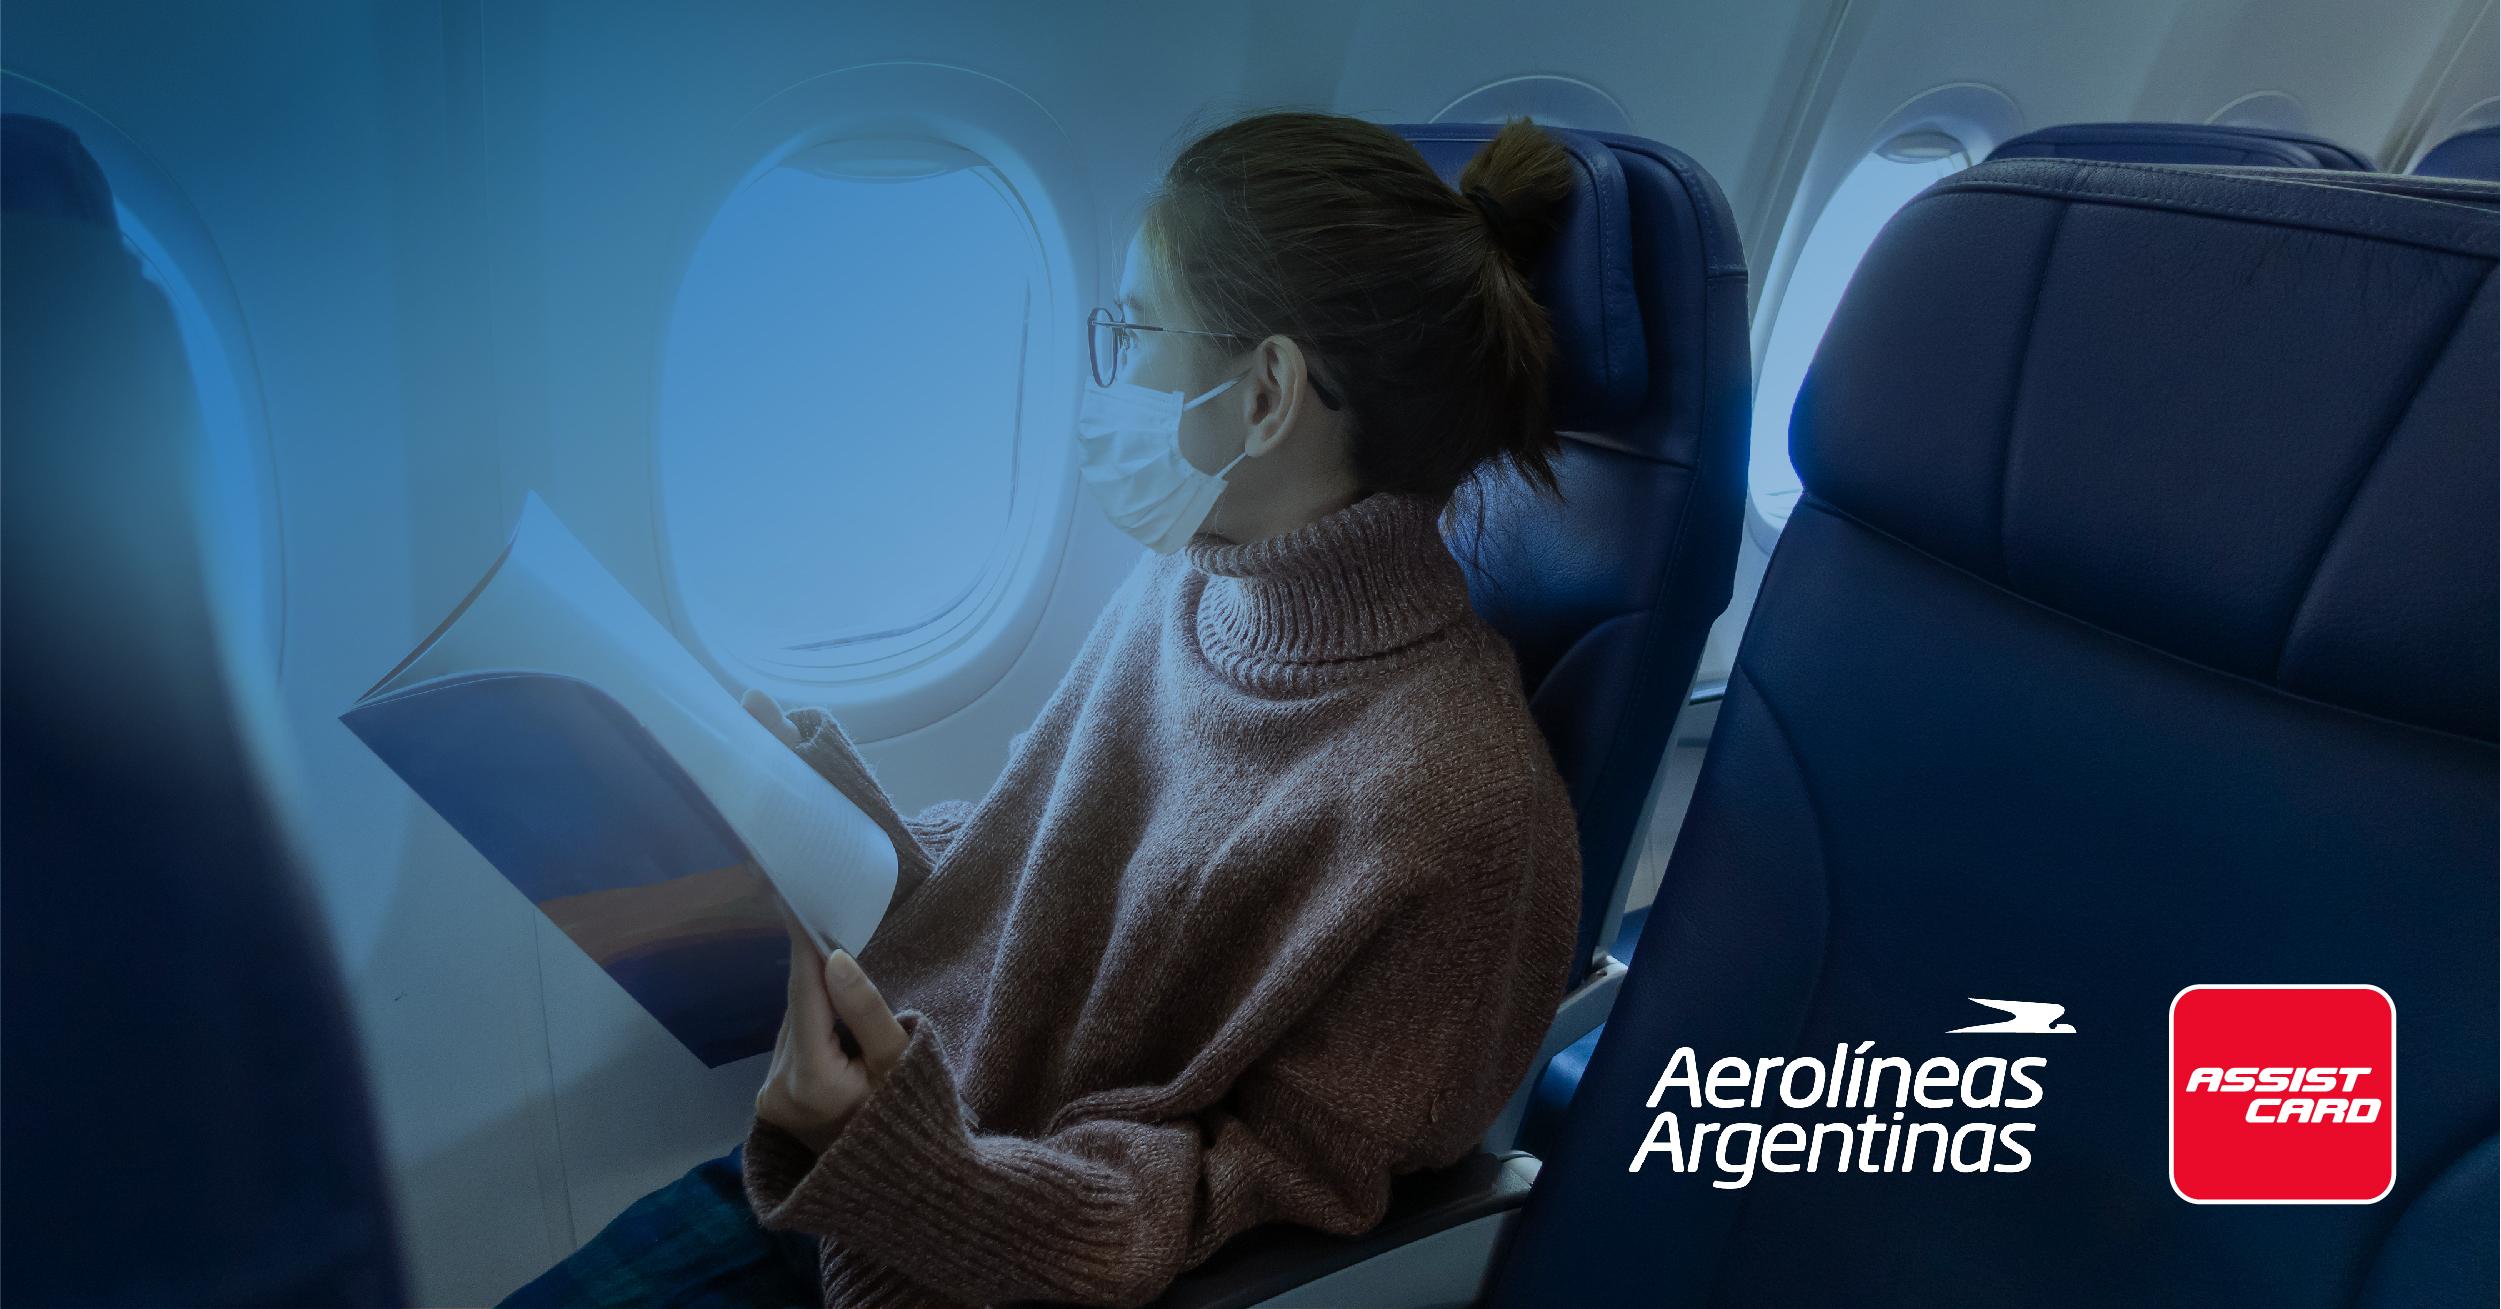 Aerolíneas argentinas y Assist card amplían beneficios a sus viajeros en  épocas de covid-19